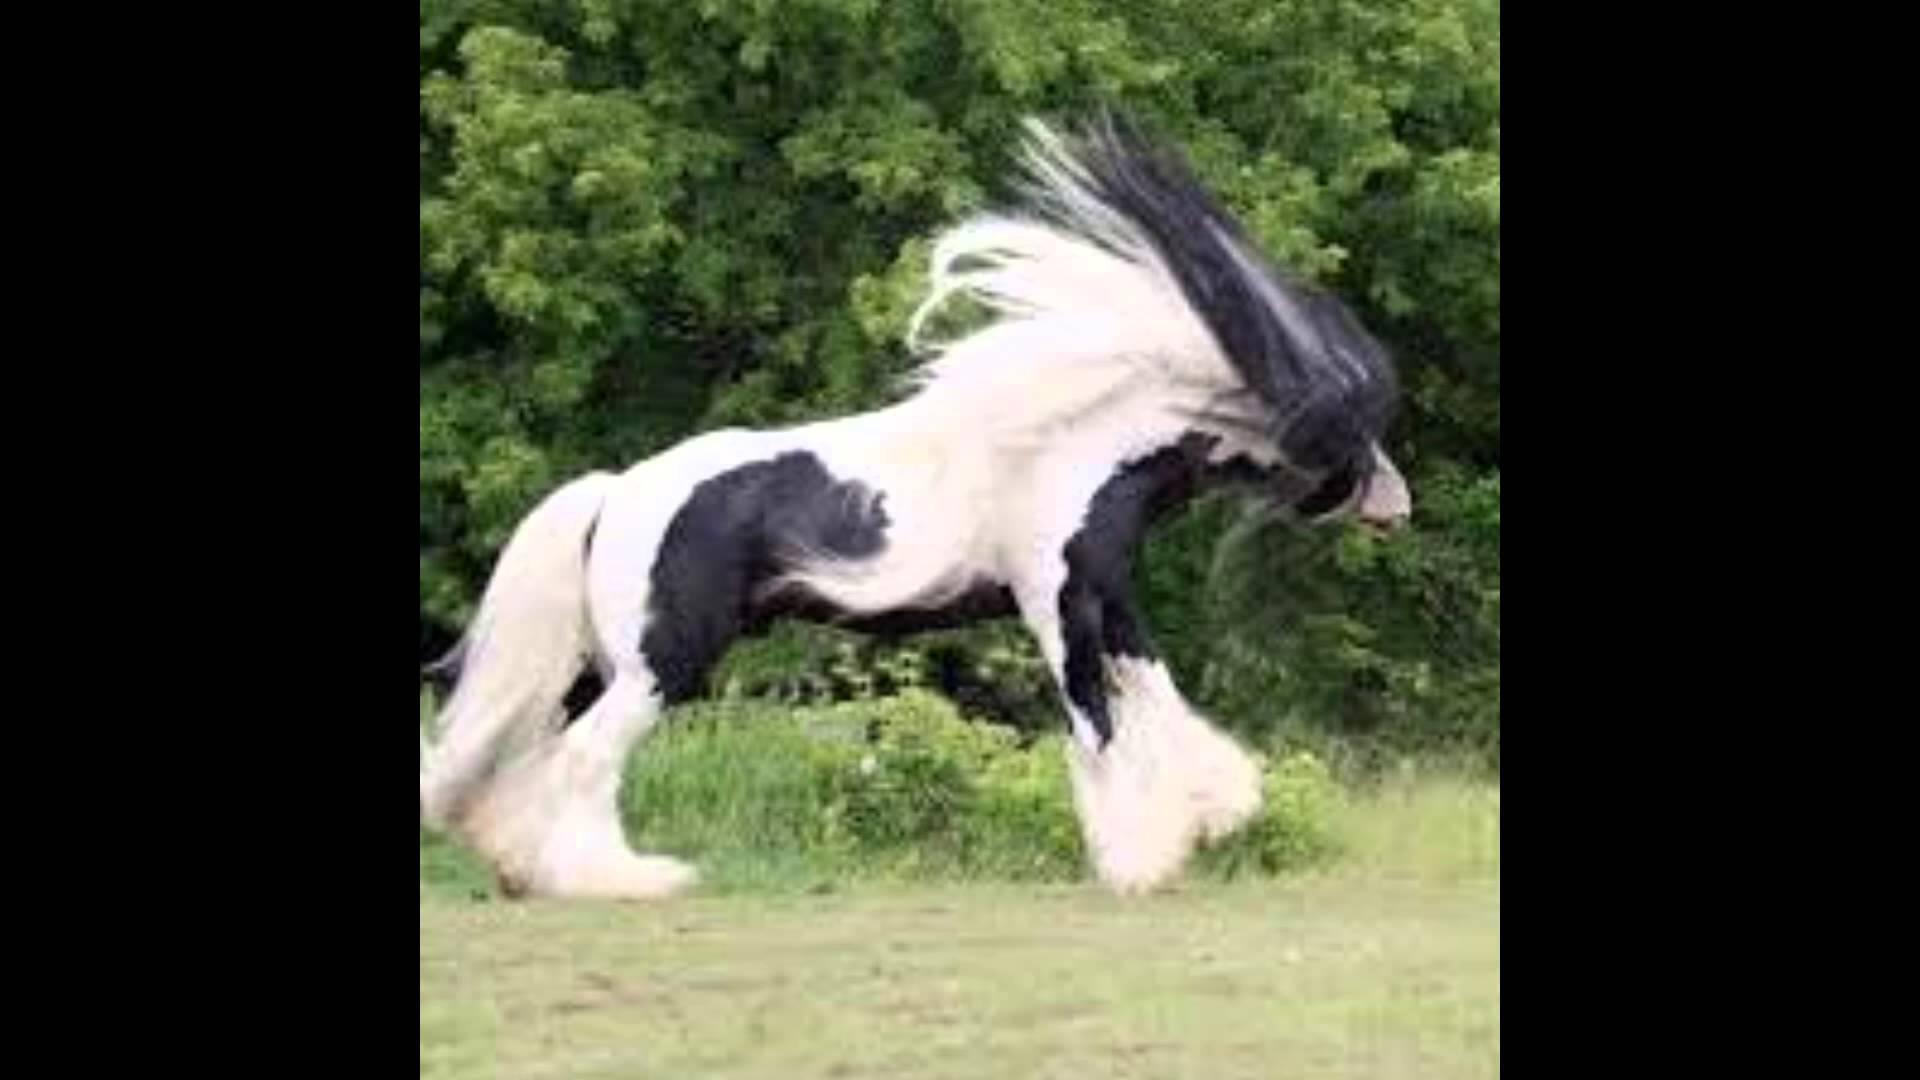 بالصور حصان عربي , اجمل صور للحصان العربي 3505 1